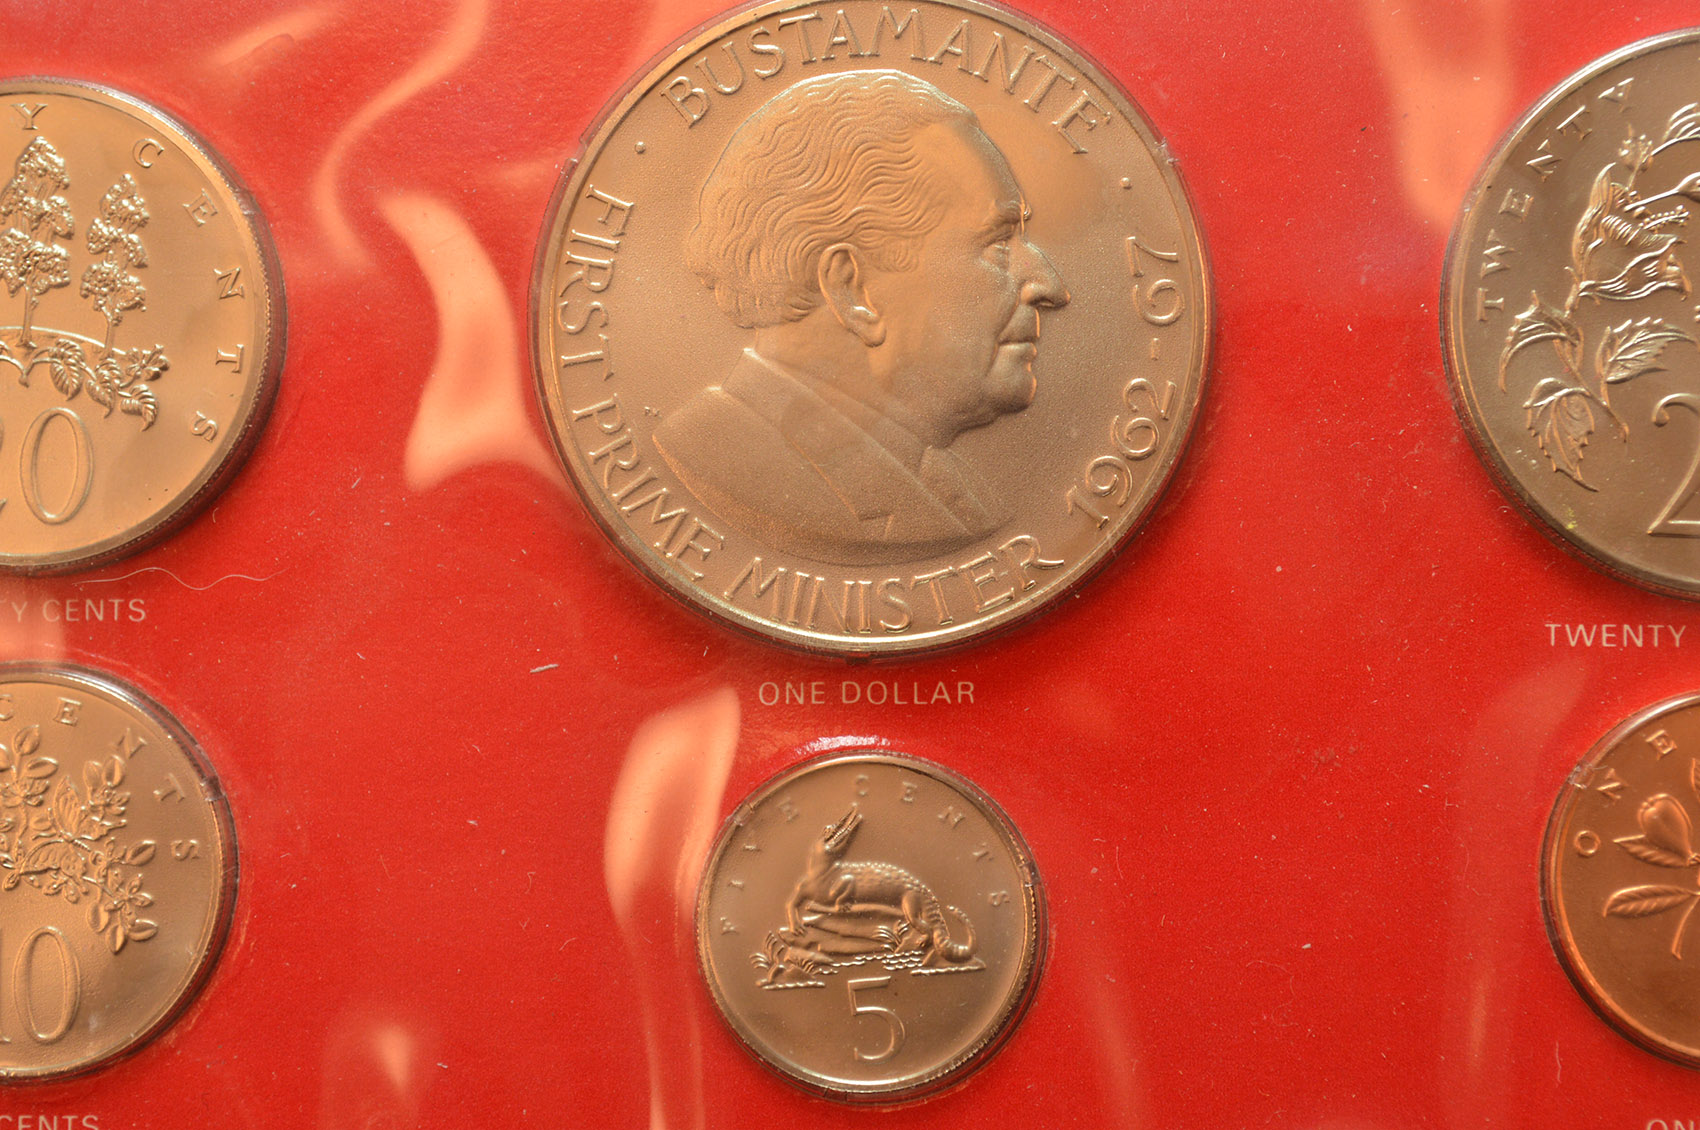 1973 Coins Of Jamaica Uncirculated Specimen Set W Bonus